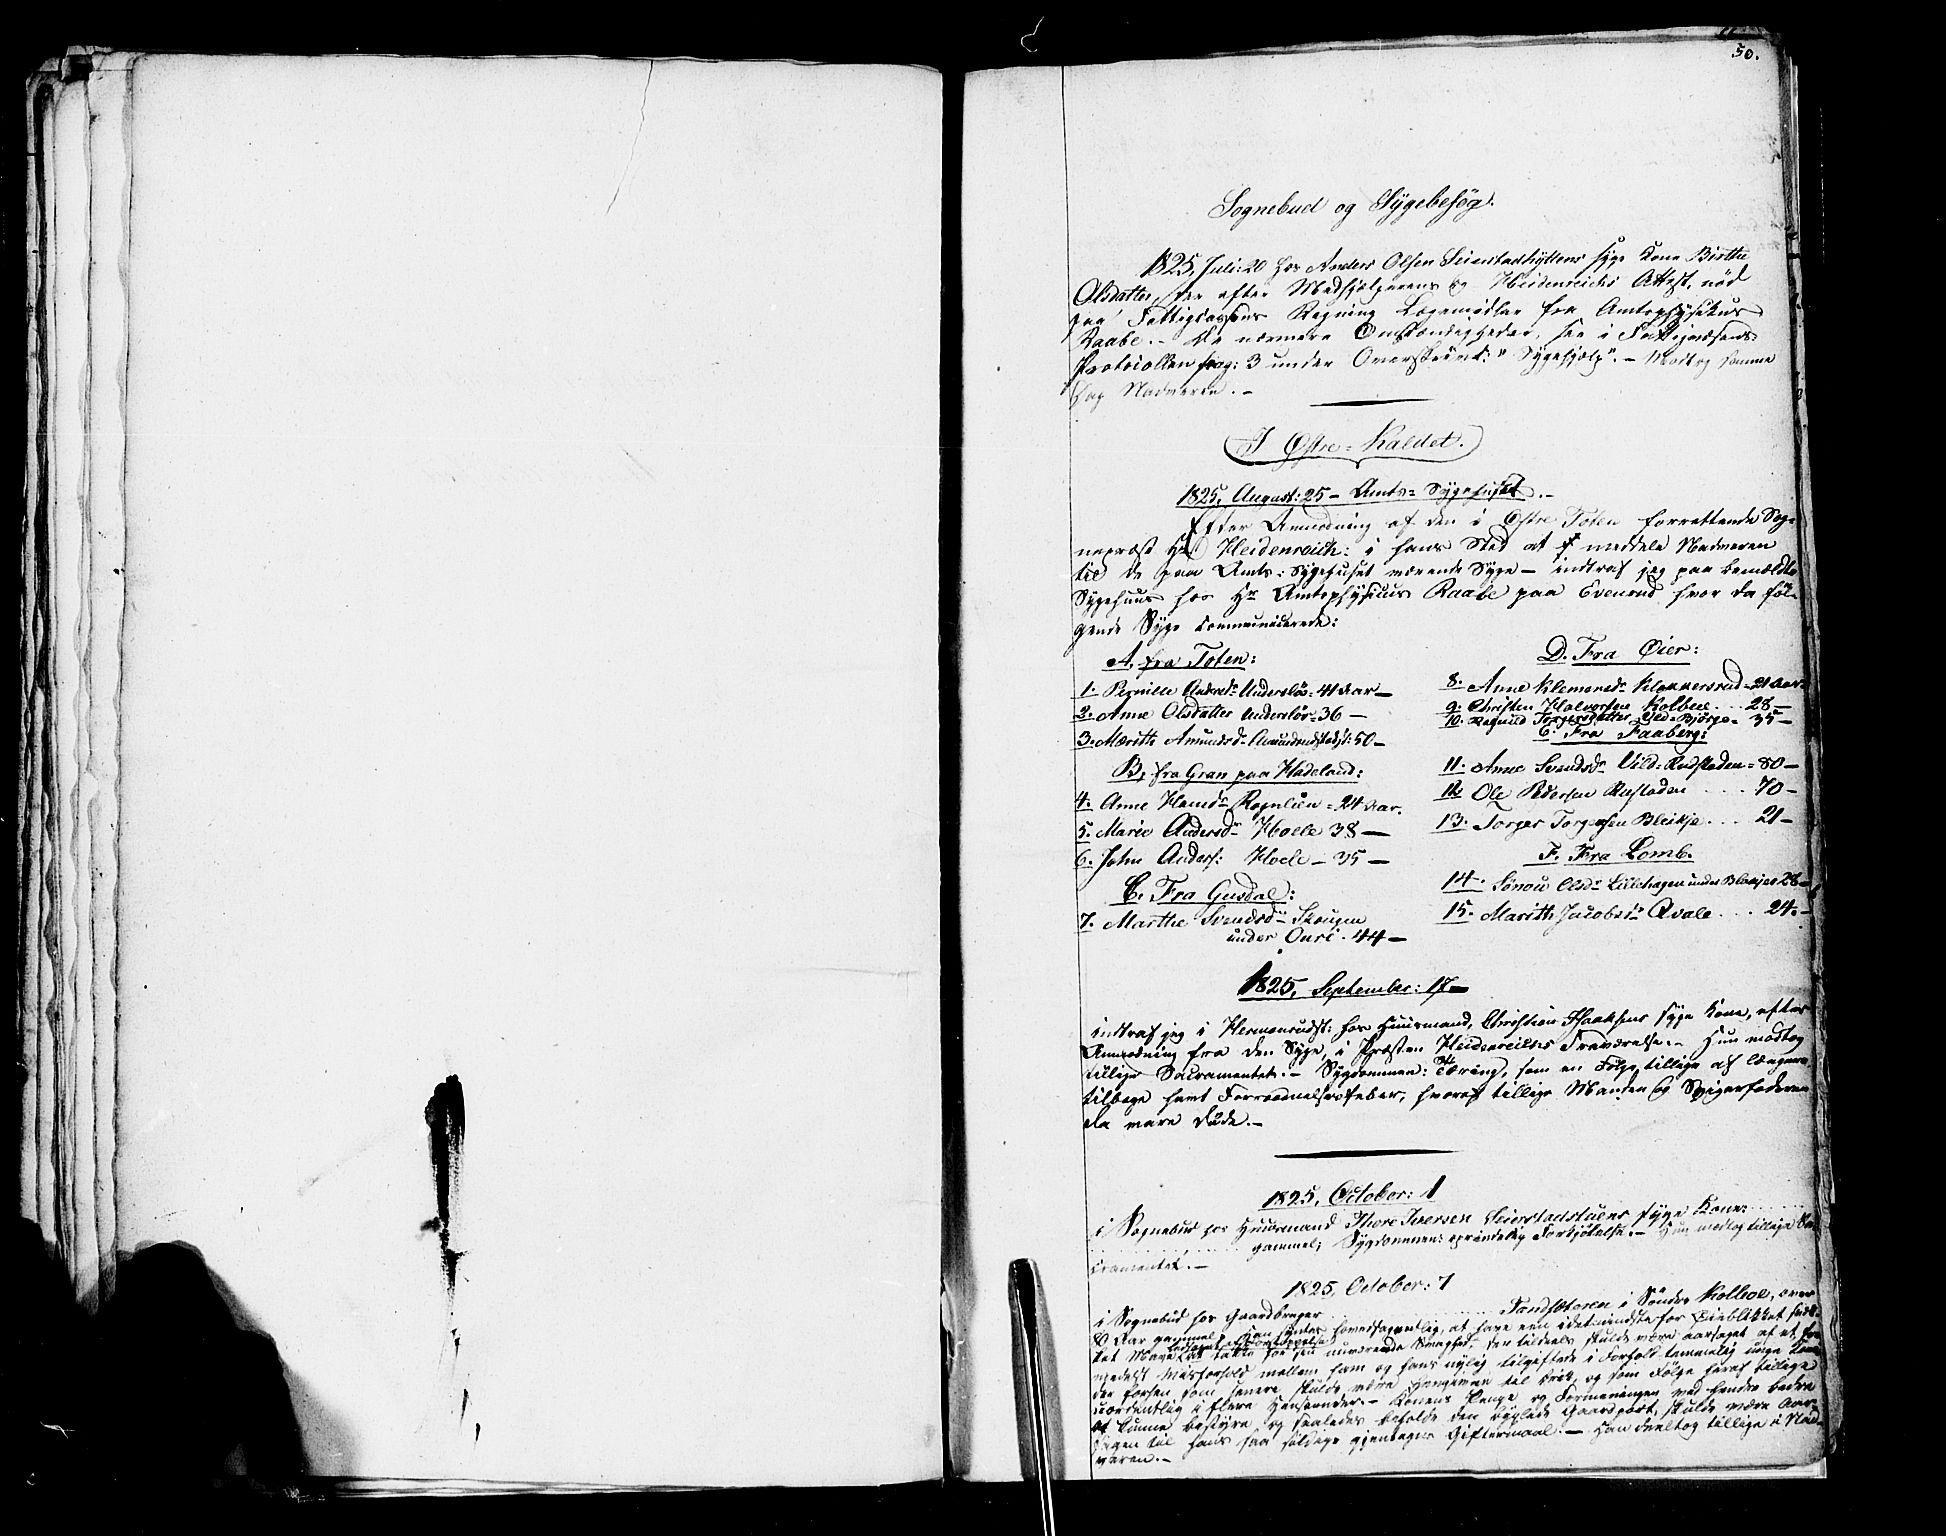 SAH, Vestre Toten prestekontor, Ministerialbok nr. 1, 1825-1826, s. 50